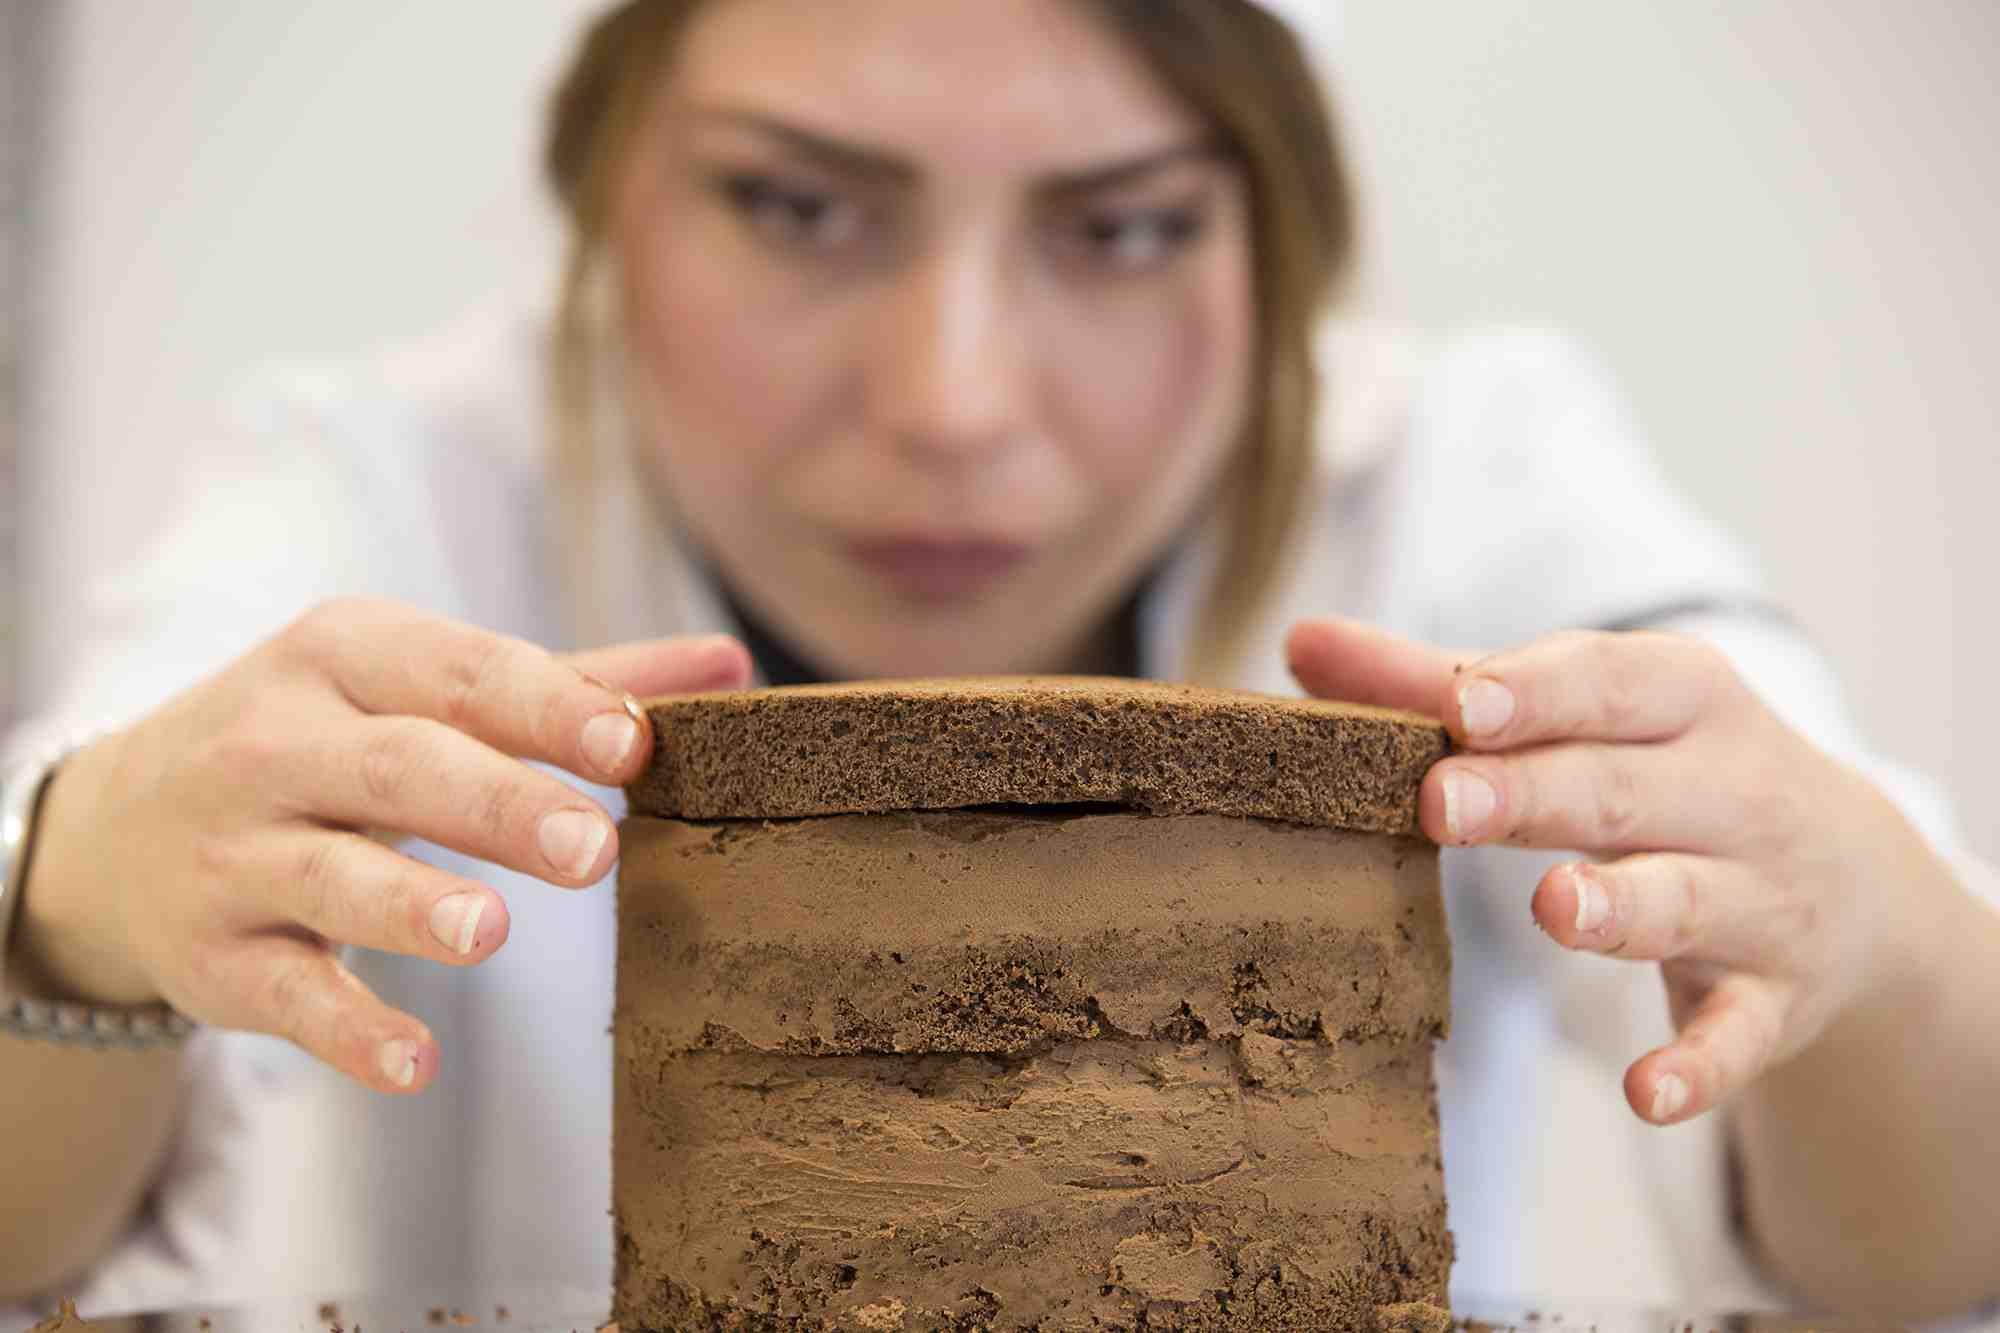 Profesyonel Pastacılık Eğitimleri/Artisan Pastacılık Üretim ve Sunum Teknikleri